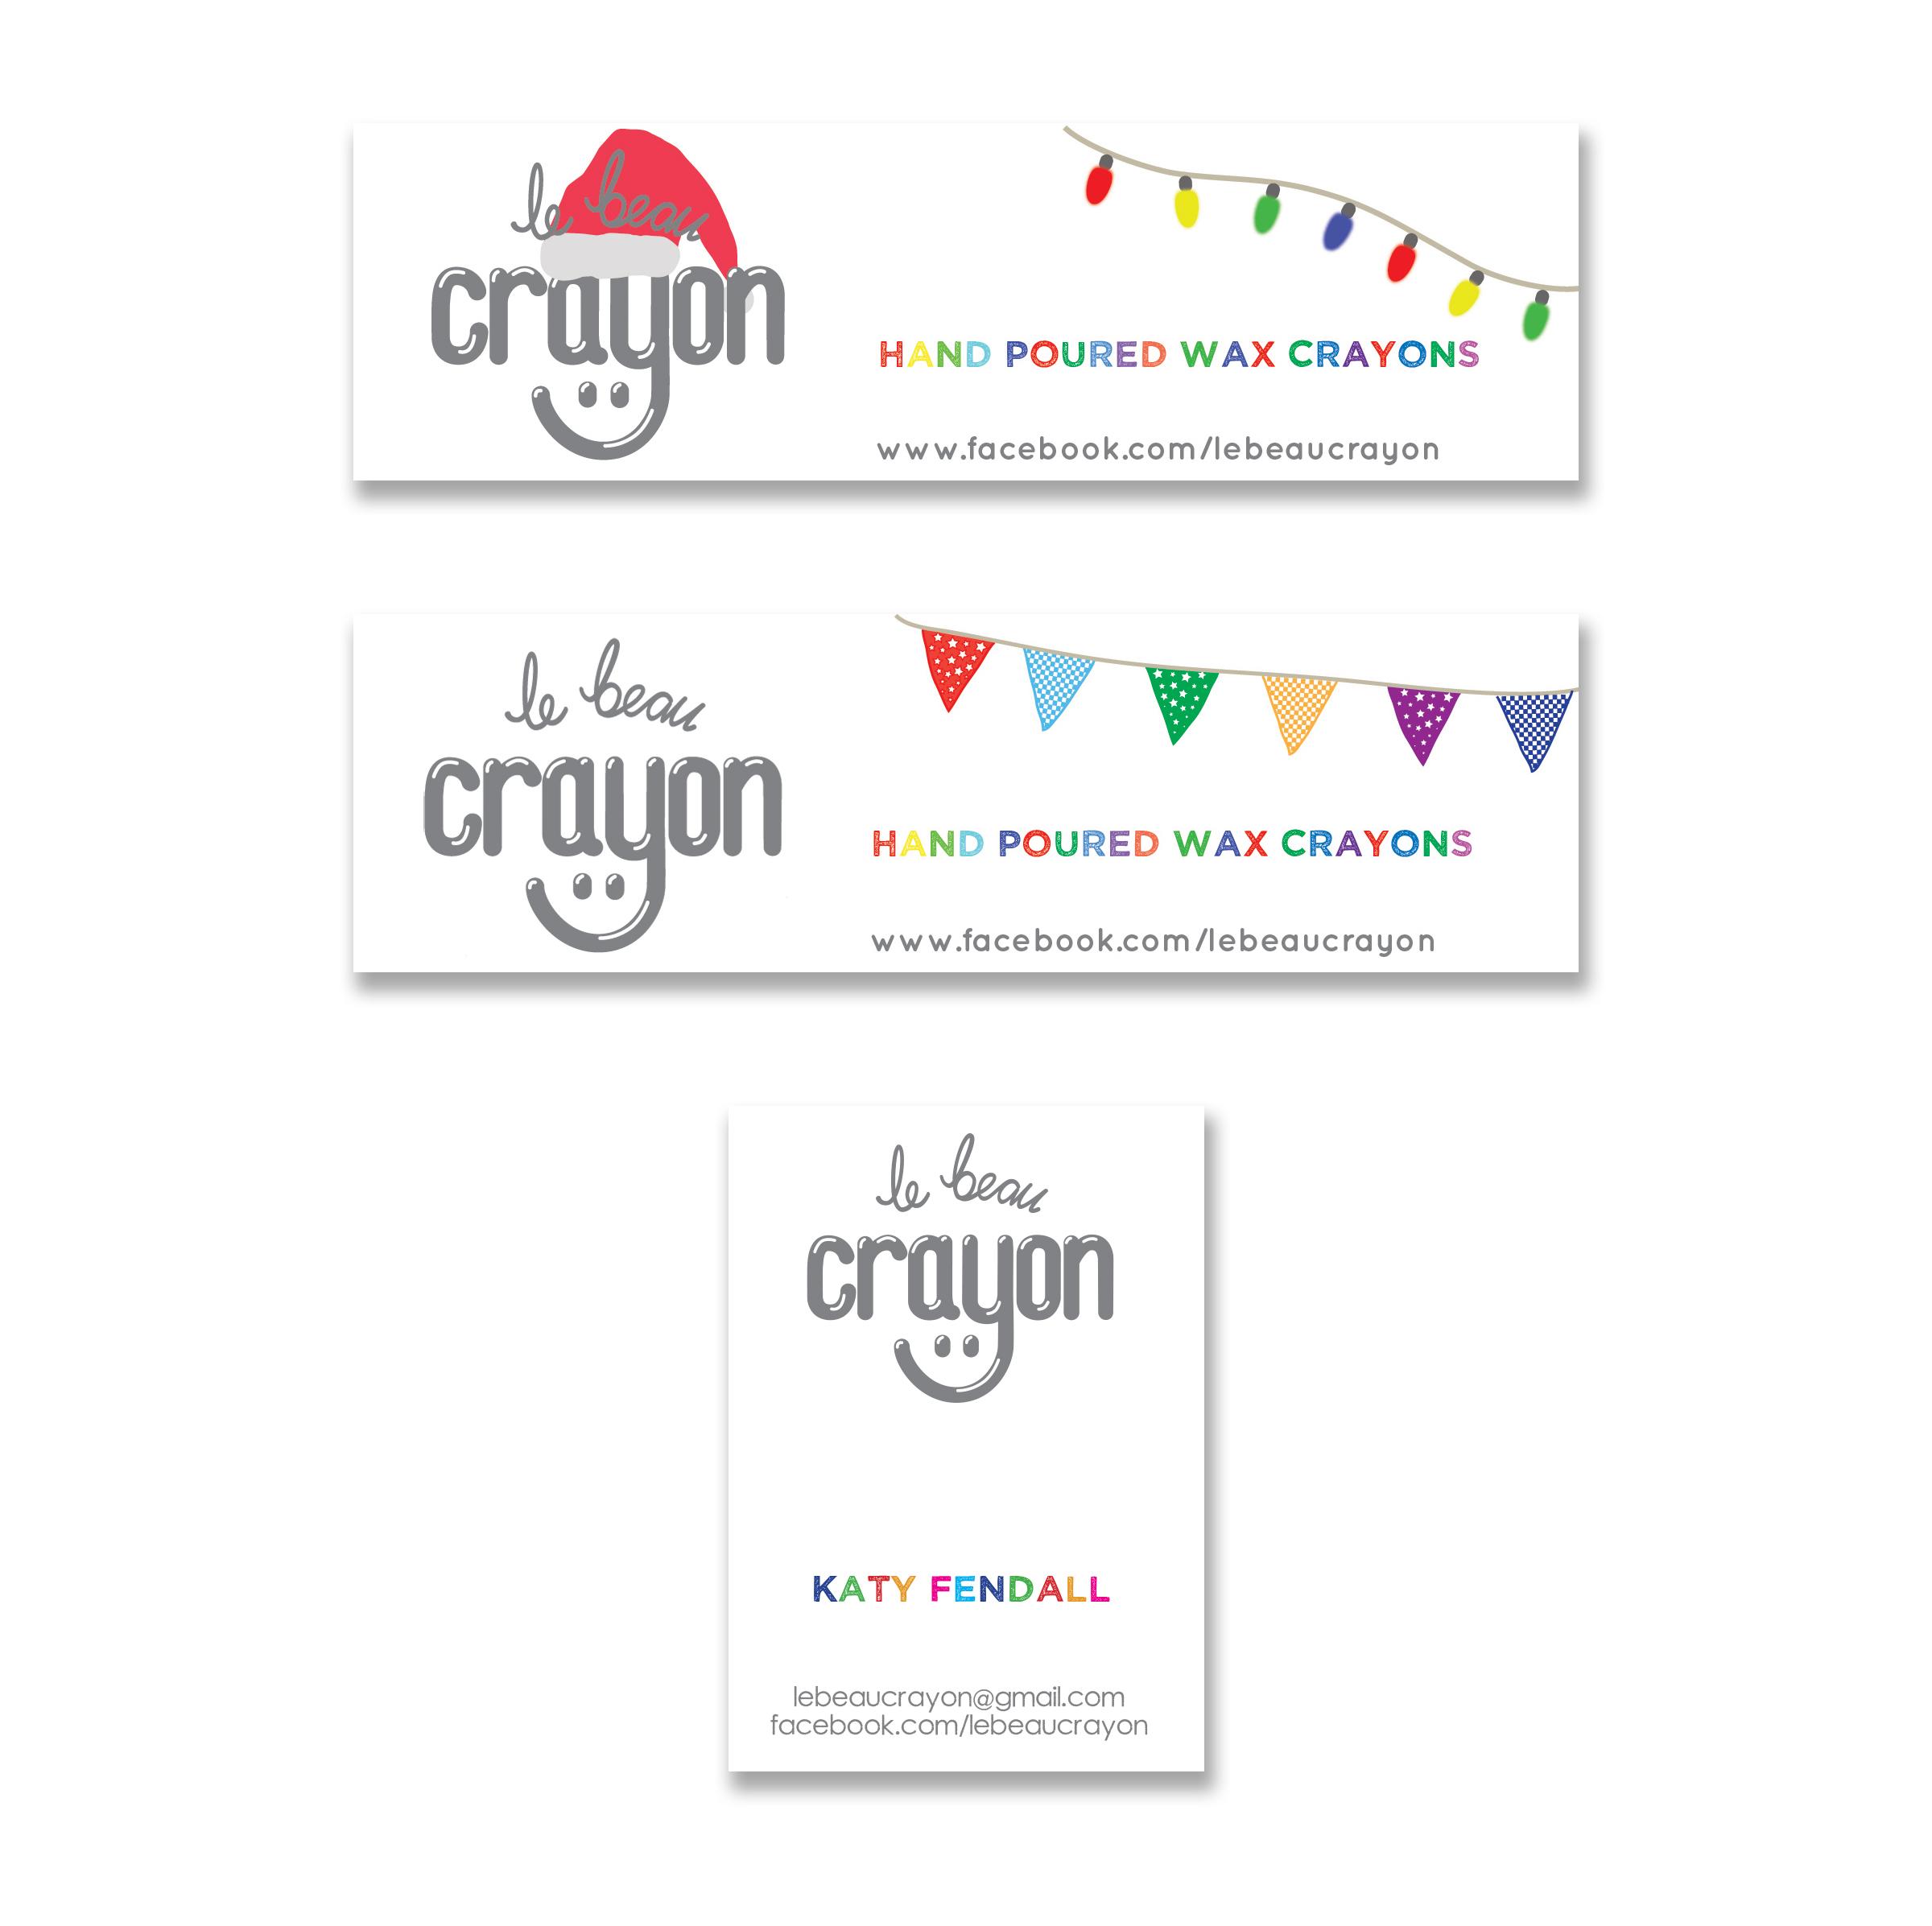 Katy Fendall Design - Le Beau Crayon